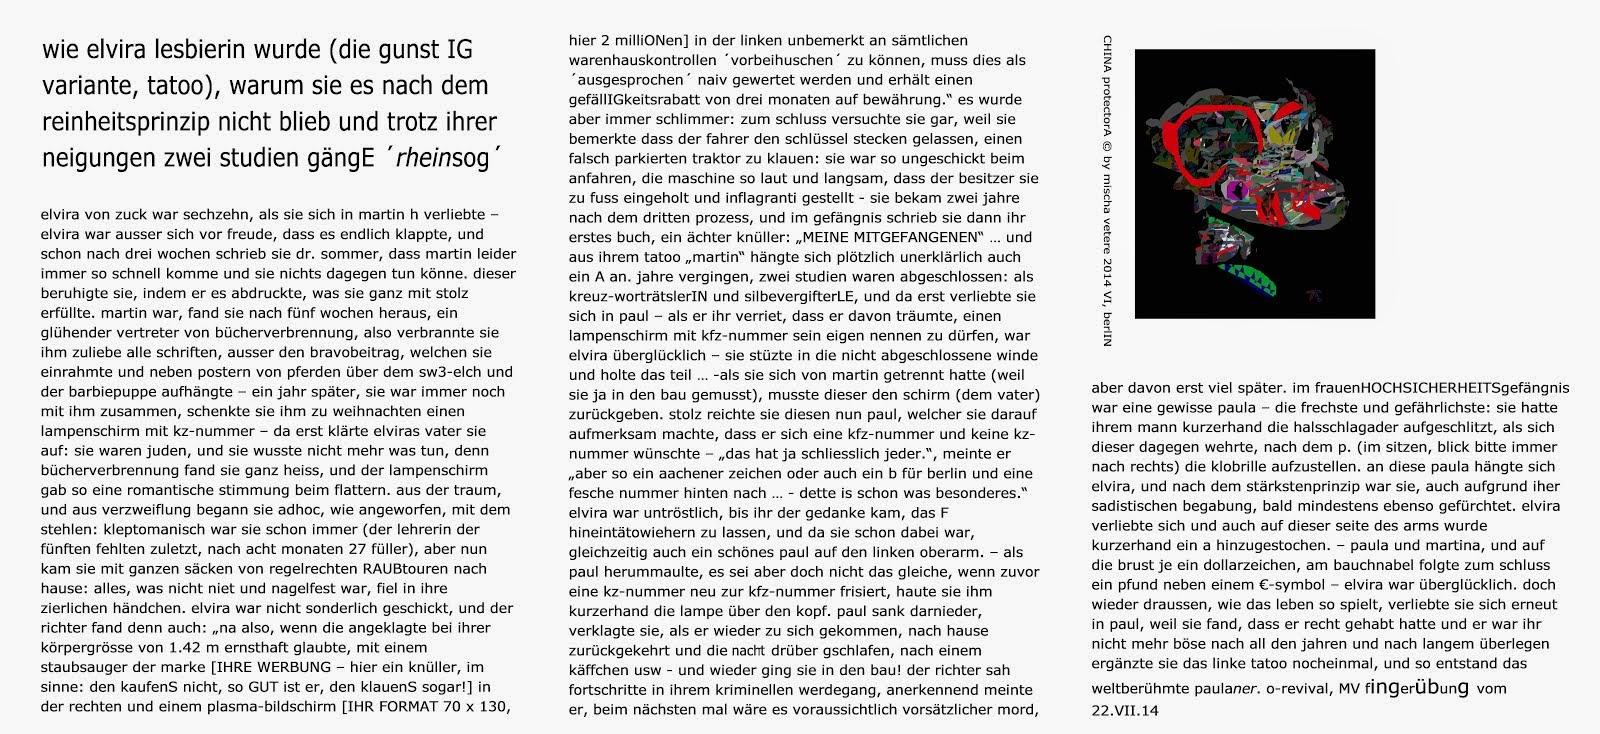 nsa in berlin gegen web untaubglichen laptop ohne bluetooth DE rätsel